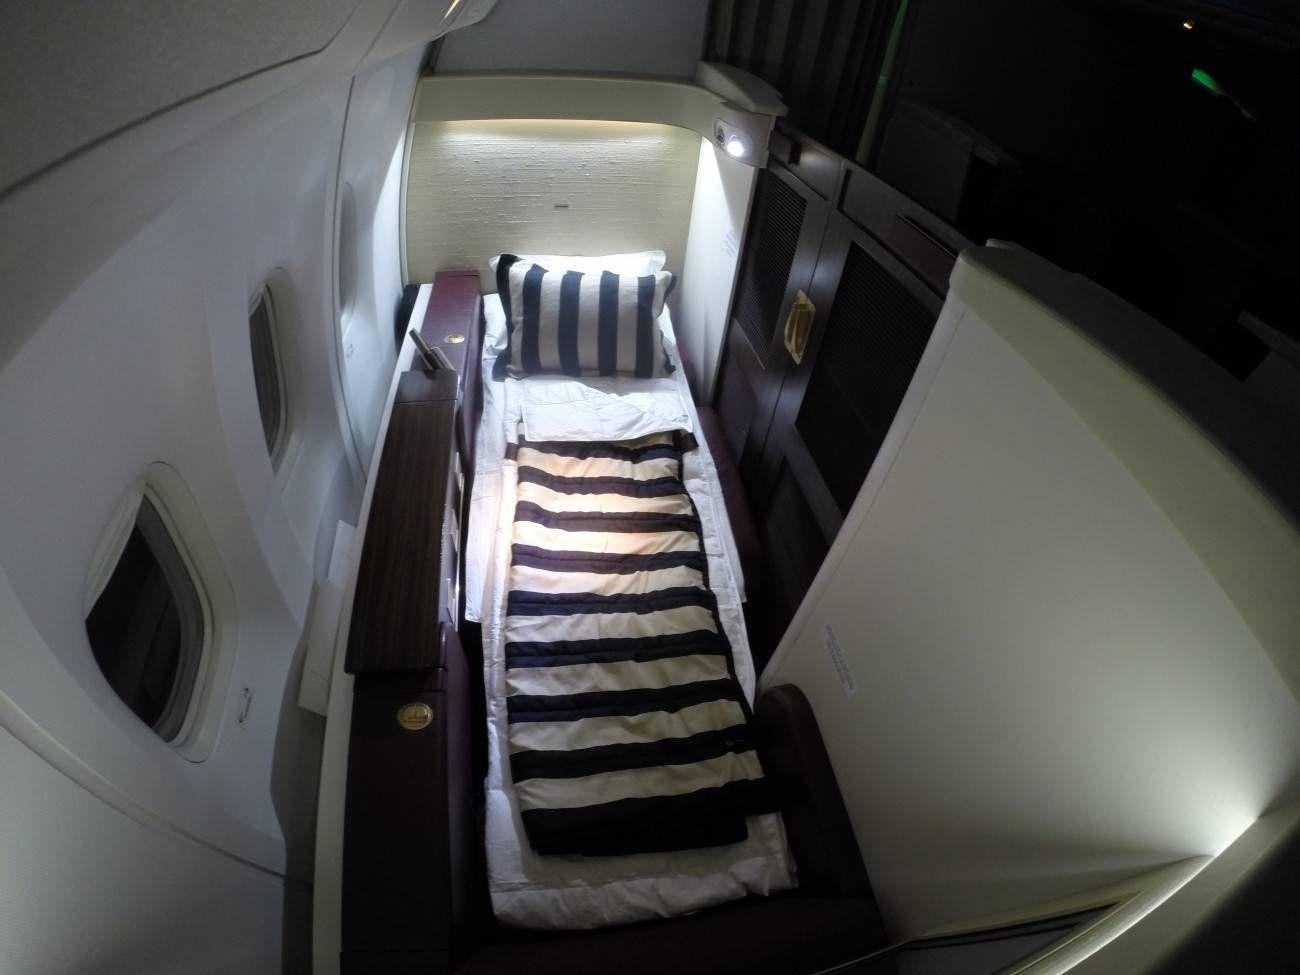 Jet-Airways-B777-First-Class-Etihad-Passageiro-de-Primeira-44-1300x975